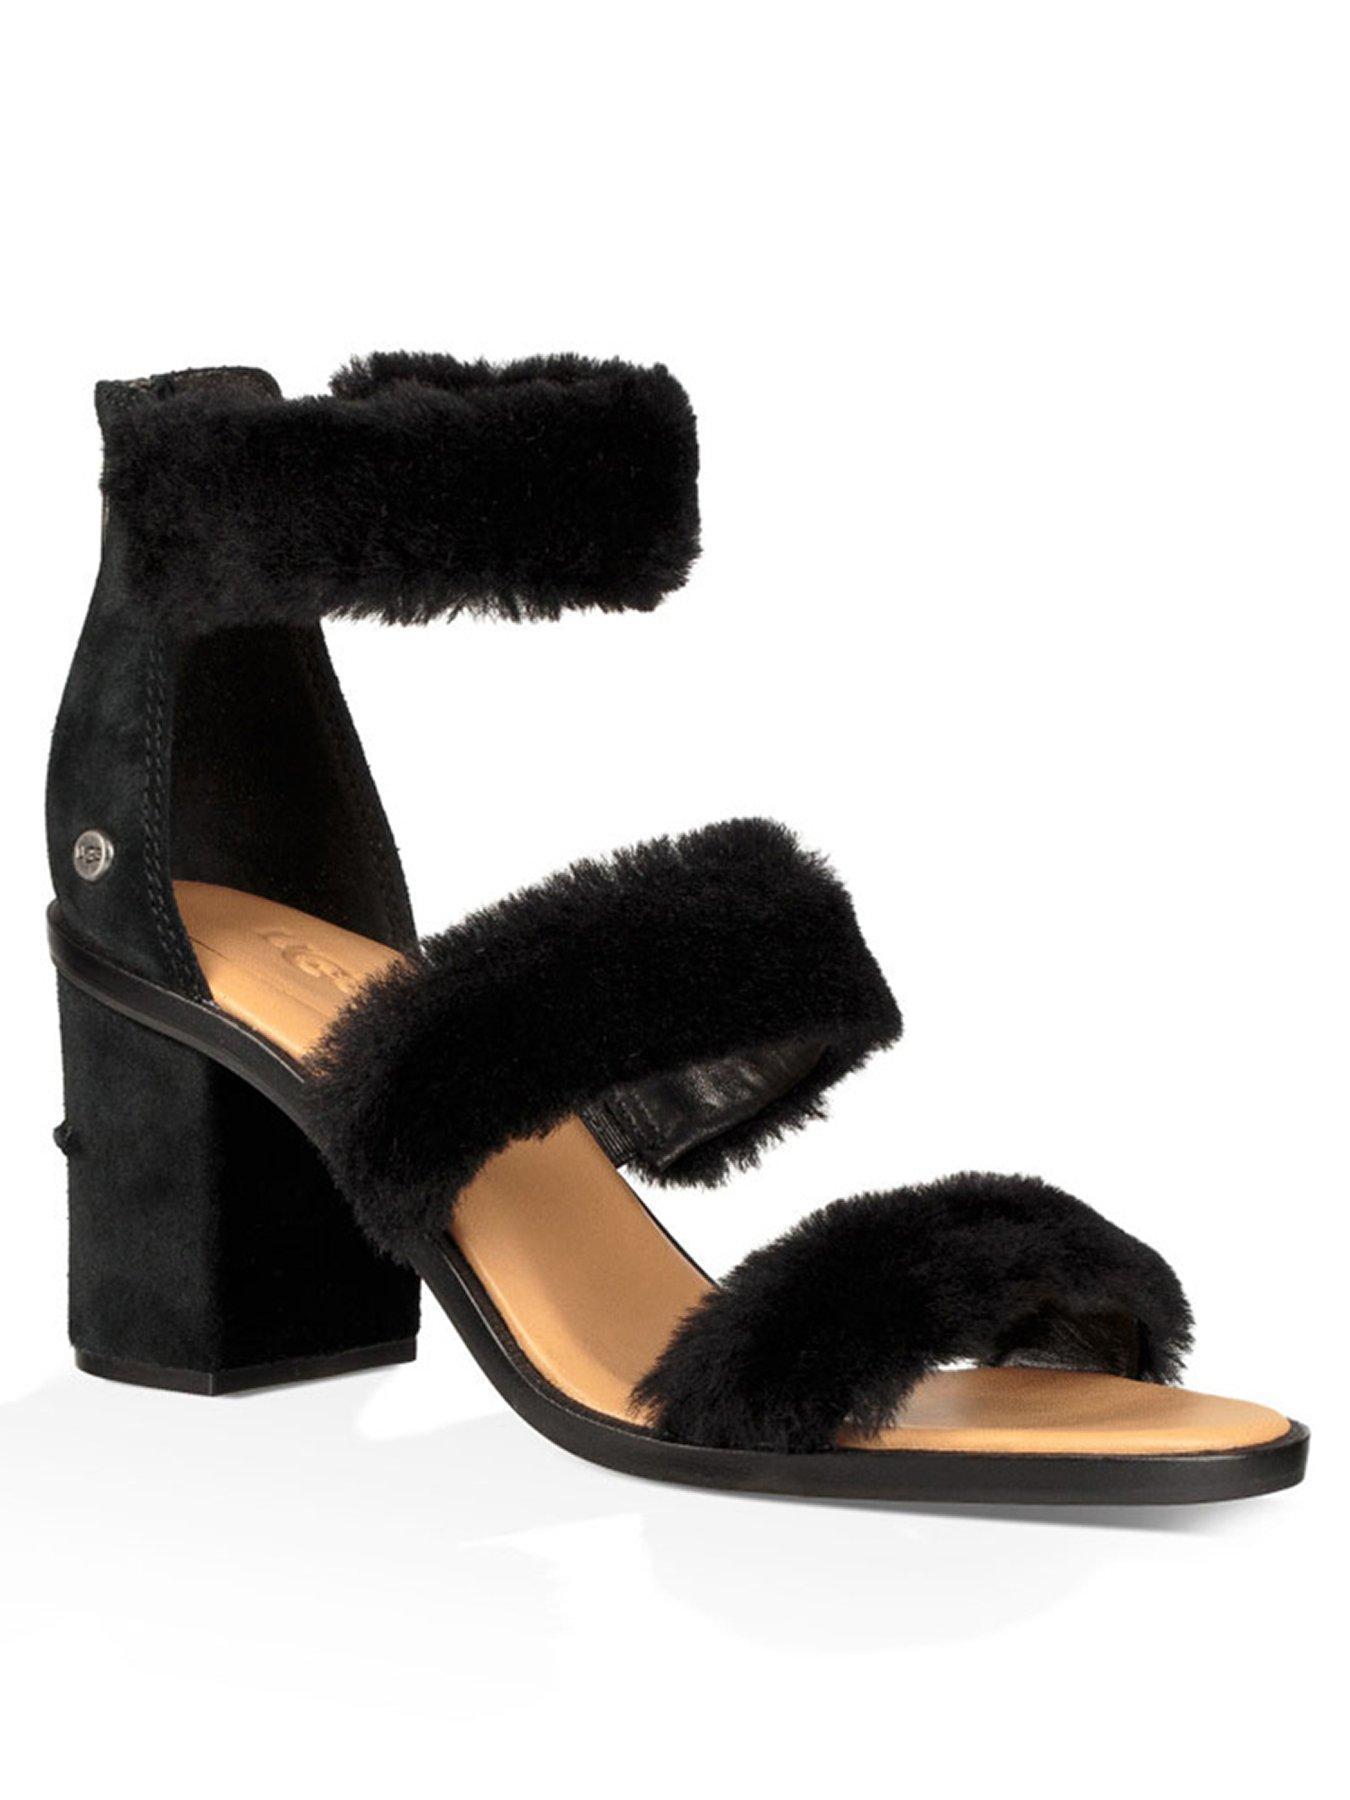 UGG Del Rey Fluffy Heeled Sandal - Black